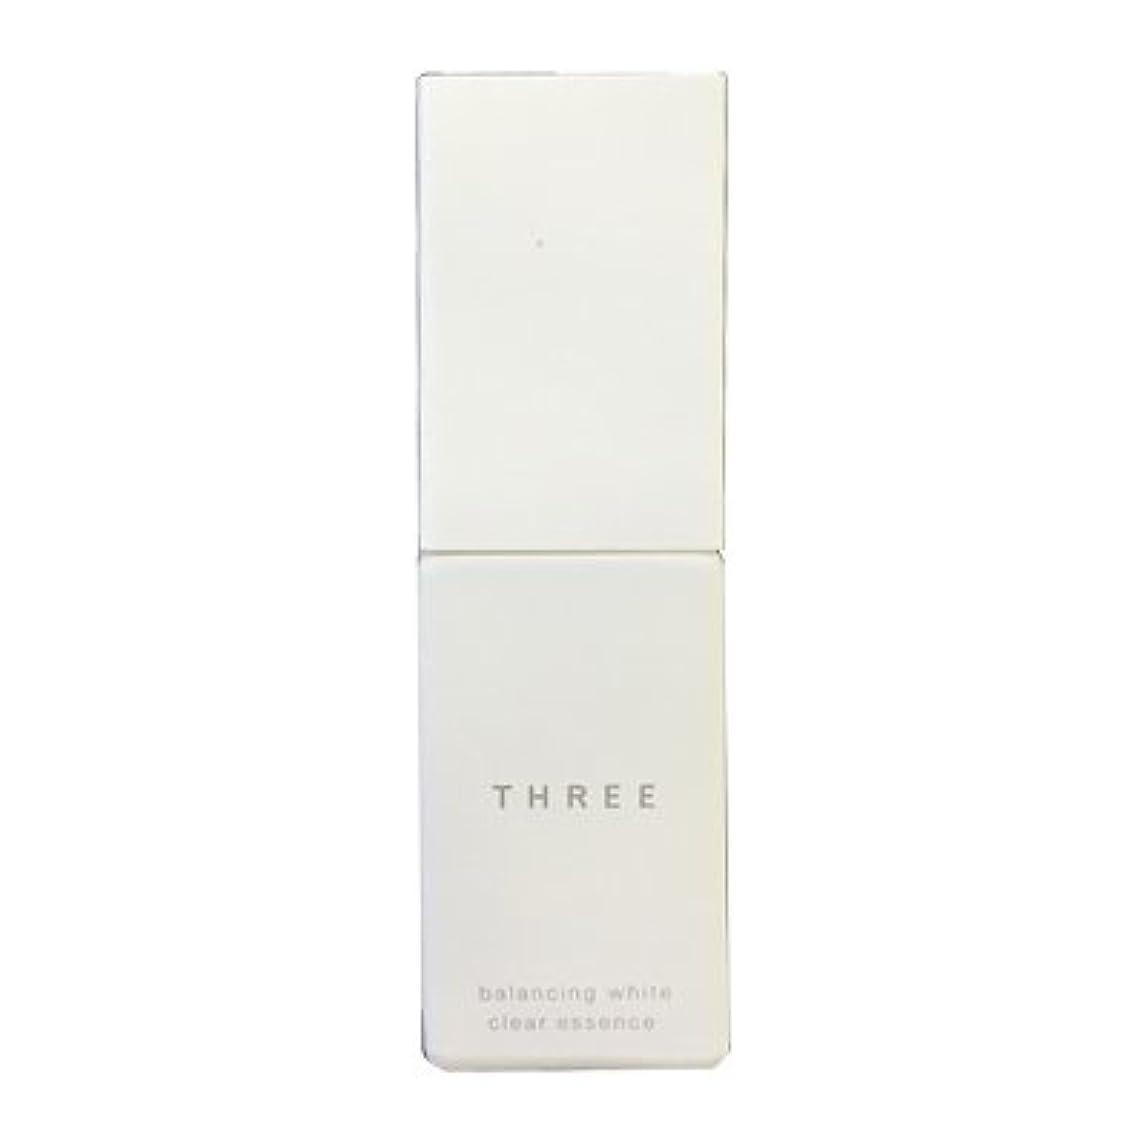 気まぐれな鎮静剤皮THREE(スリー) バランシング ホワイト クリアエッセンス 30ml [ 美容液 ] [並行輸入品]